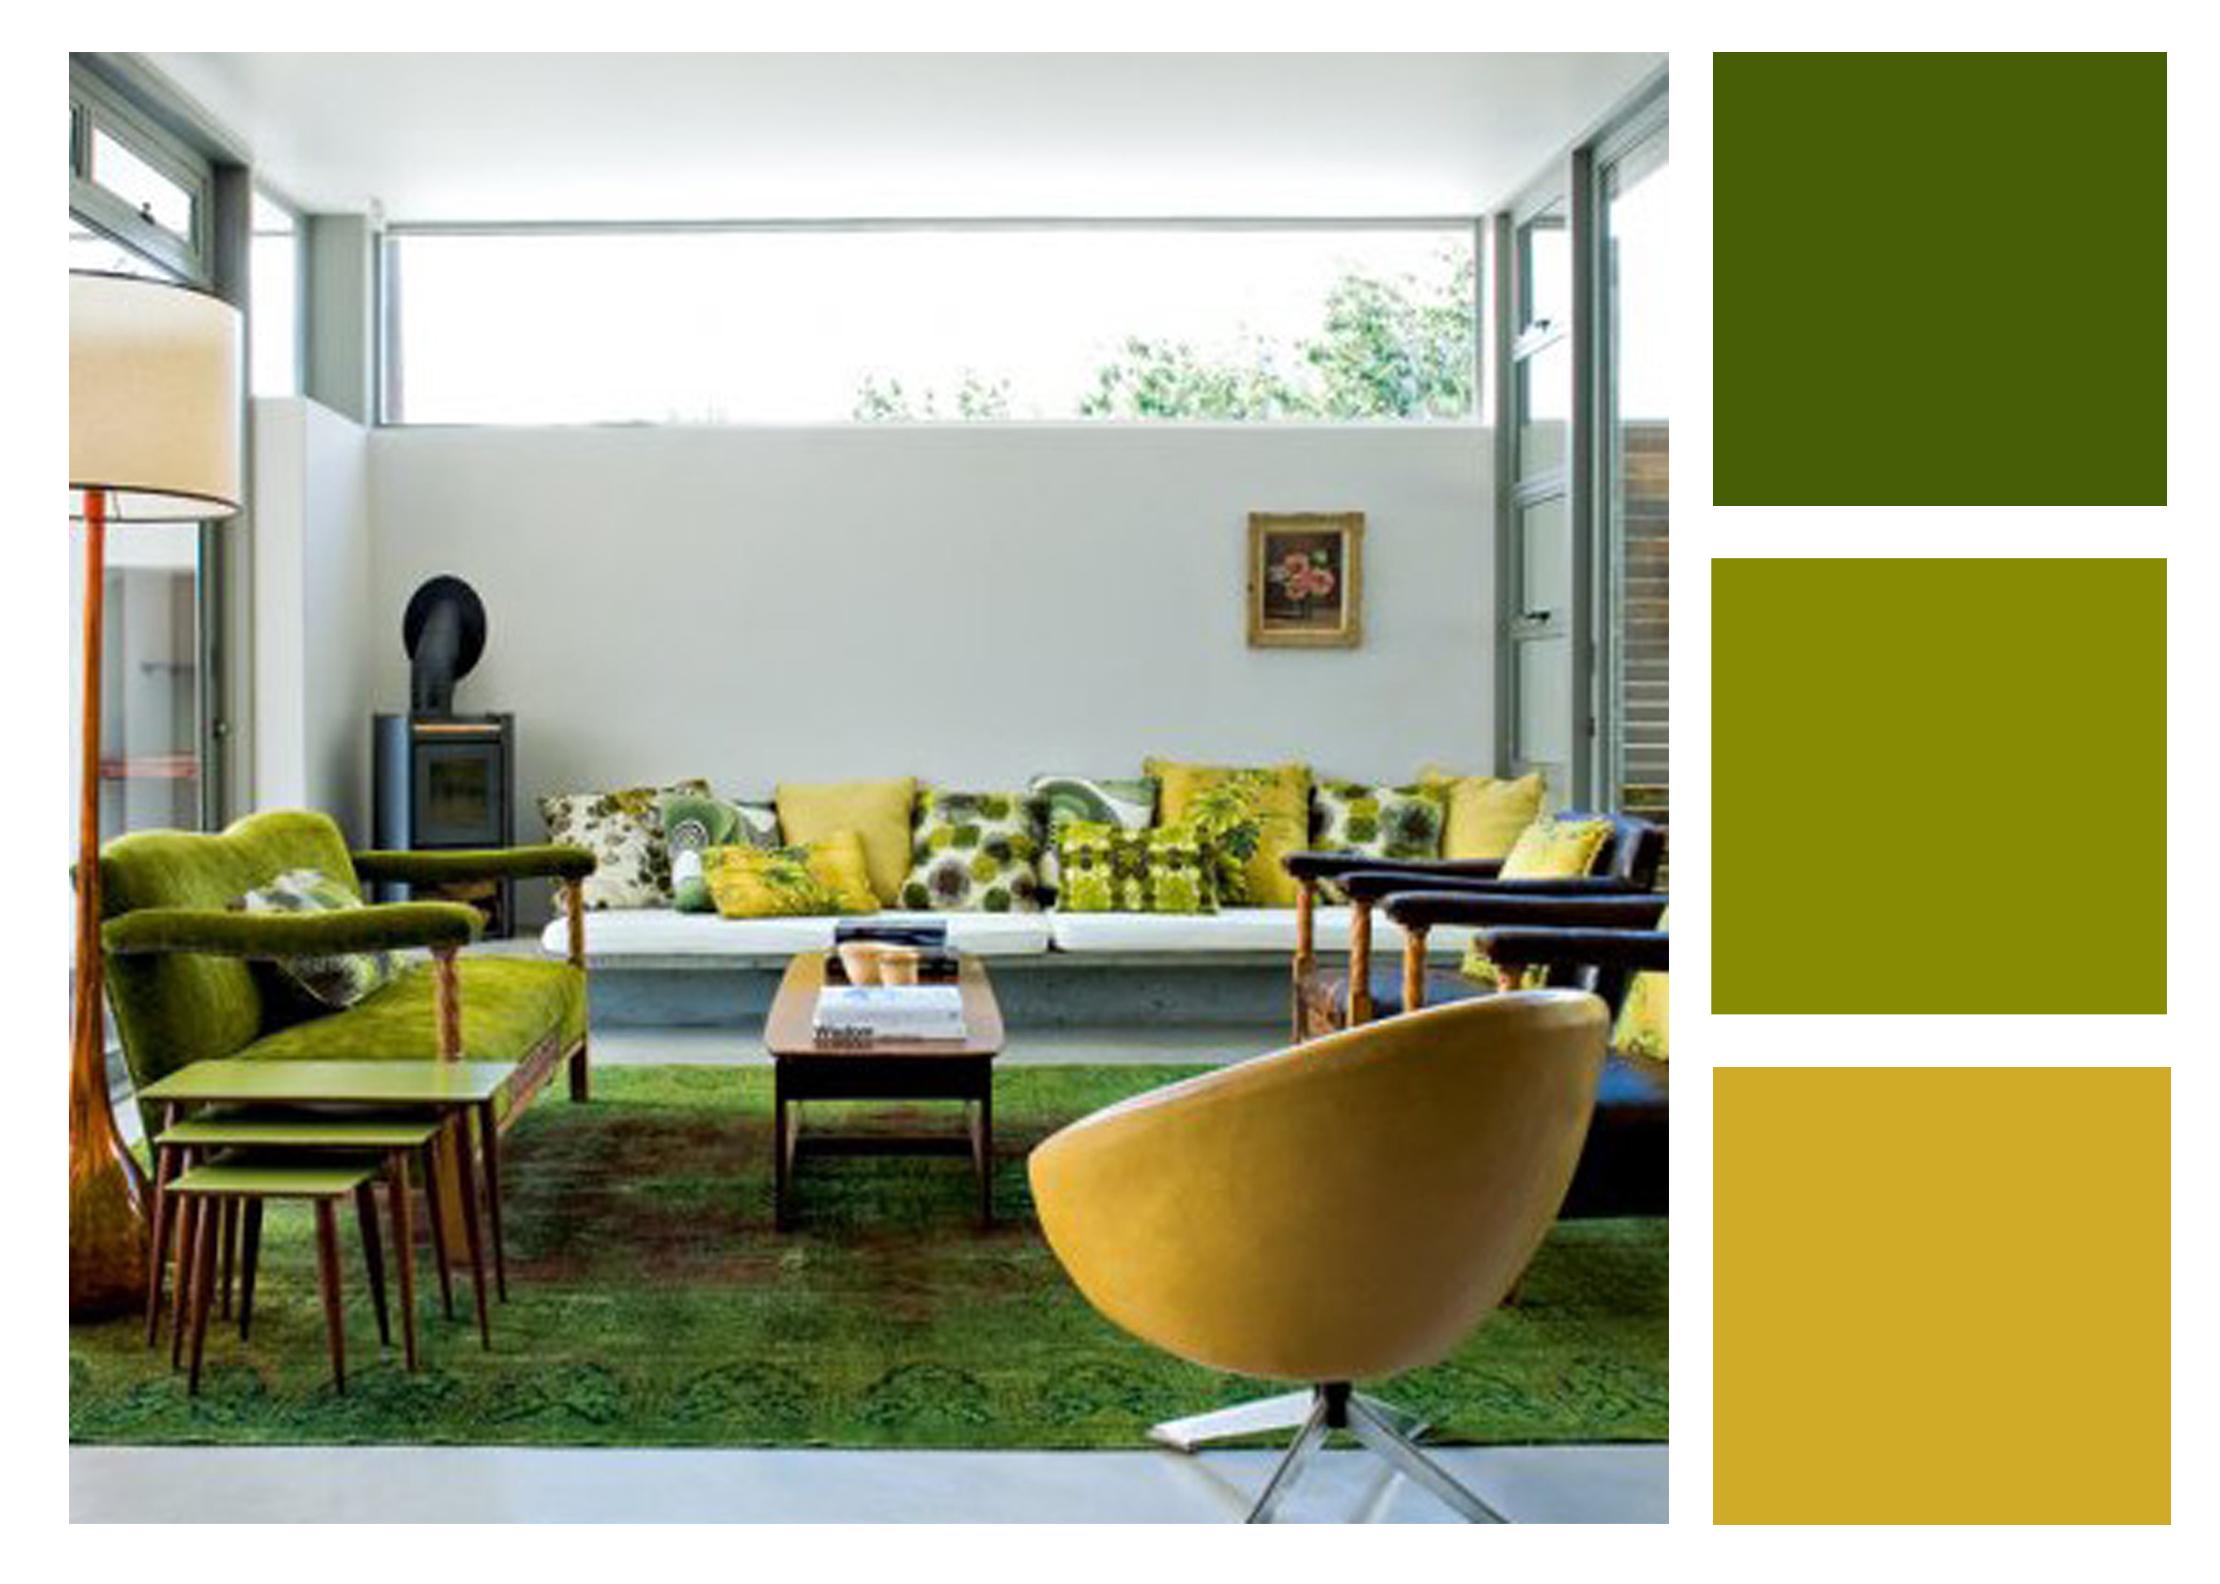 Colores analogos en interiores estilo y dise o - Colores calidos para interiores ...